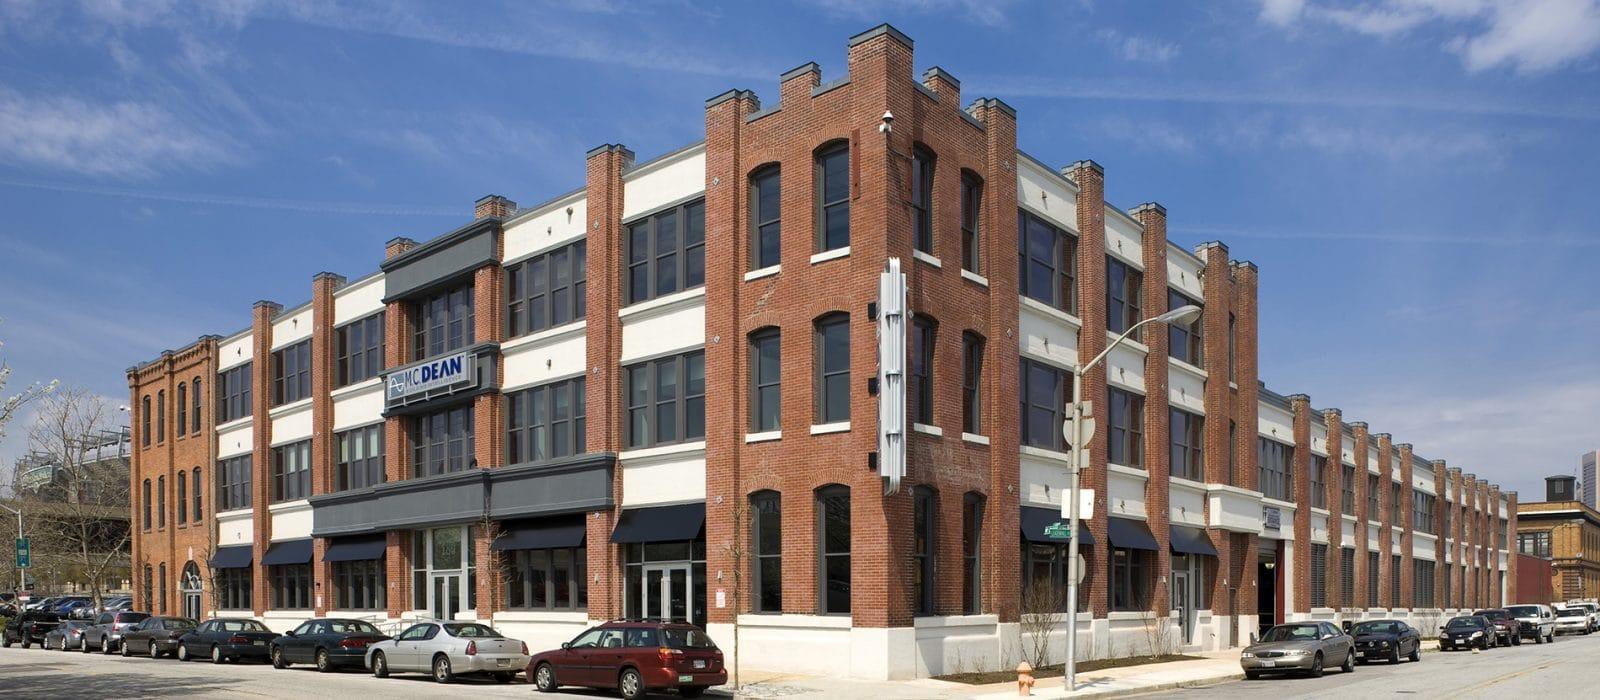 M. C. Dean Office Building